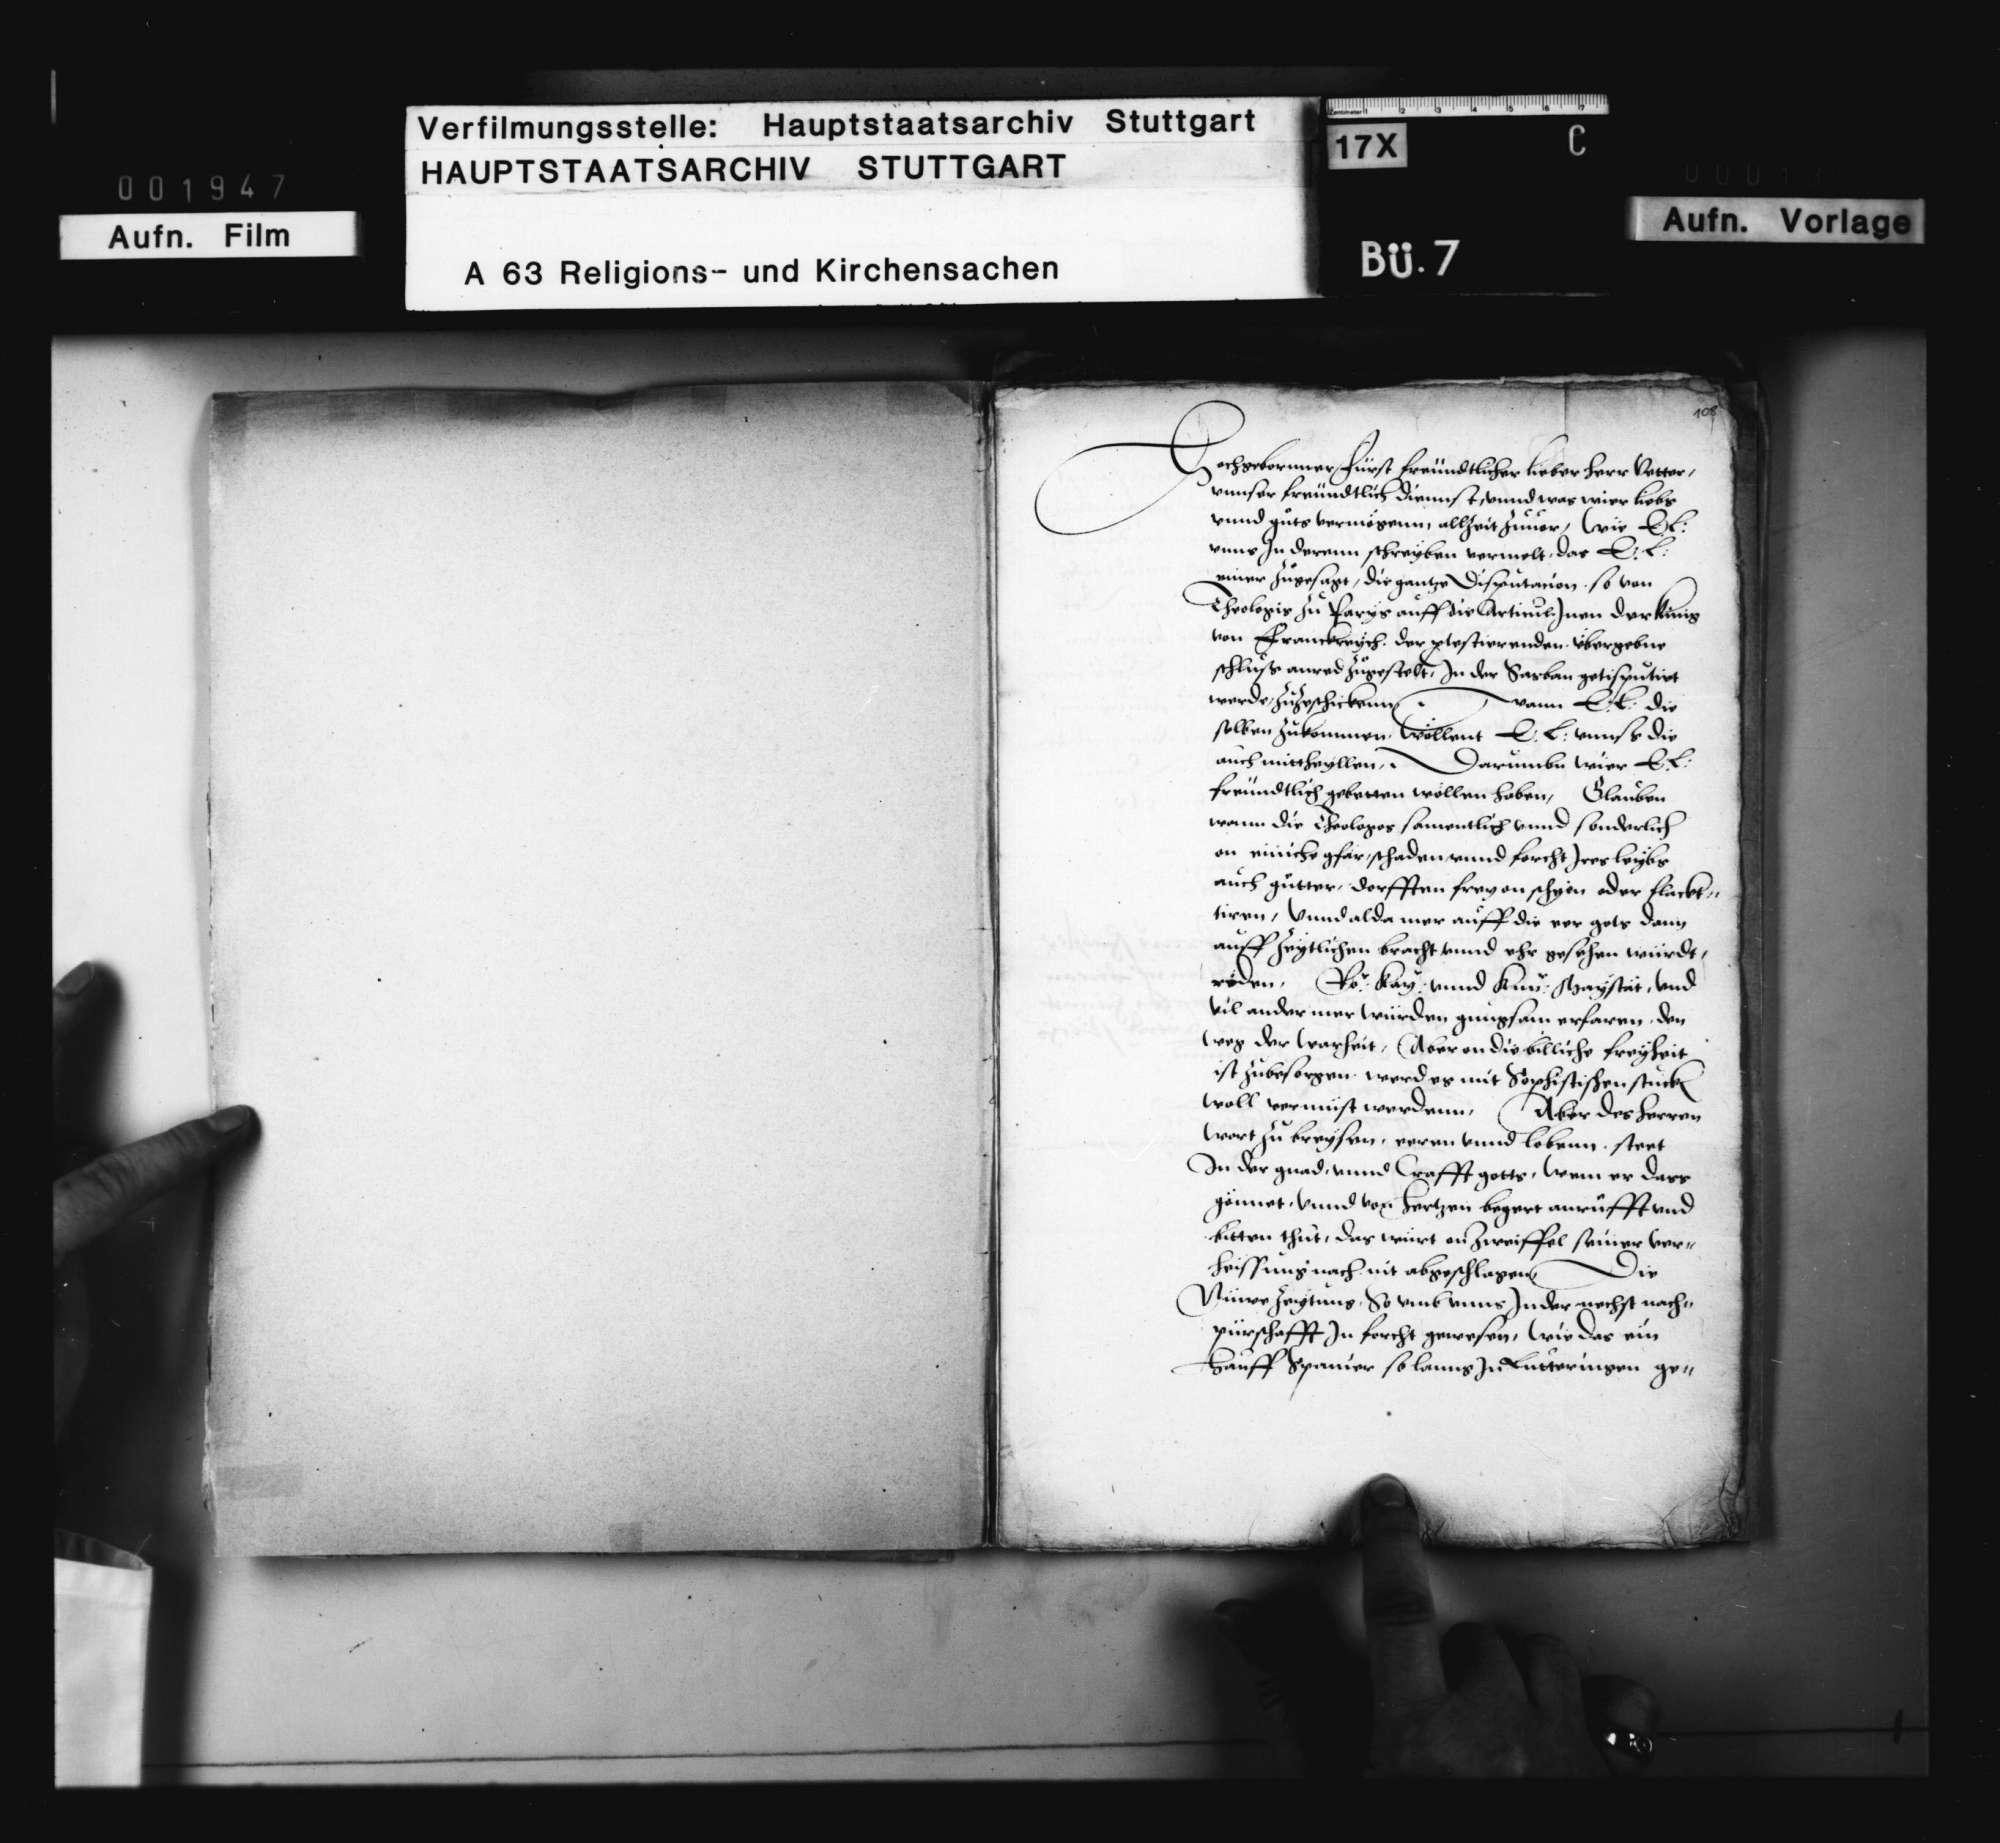 """Reaktionen auf Theologendisputation an der Sorbonne über die """"Beschlußartikul"""" der """"protestierenden Stende"""", die der französische König veranlasst hatte., Bild 2"""